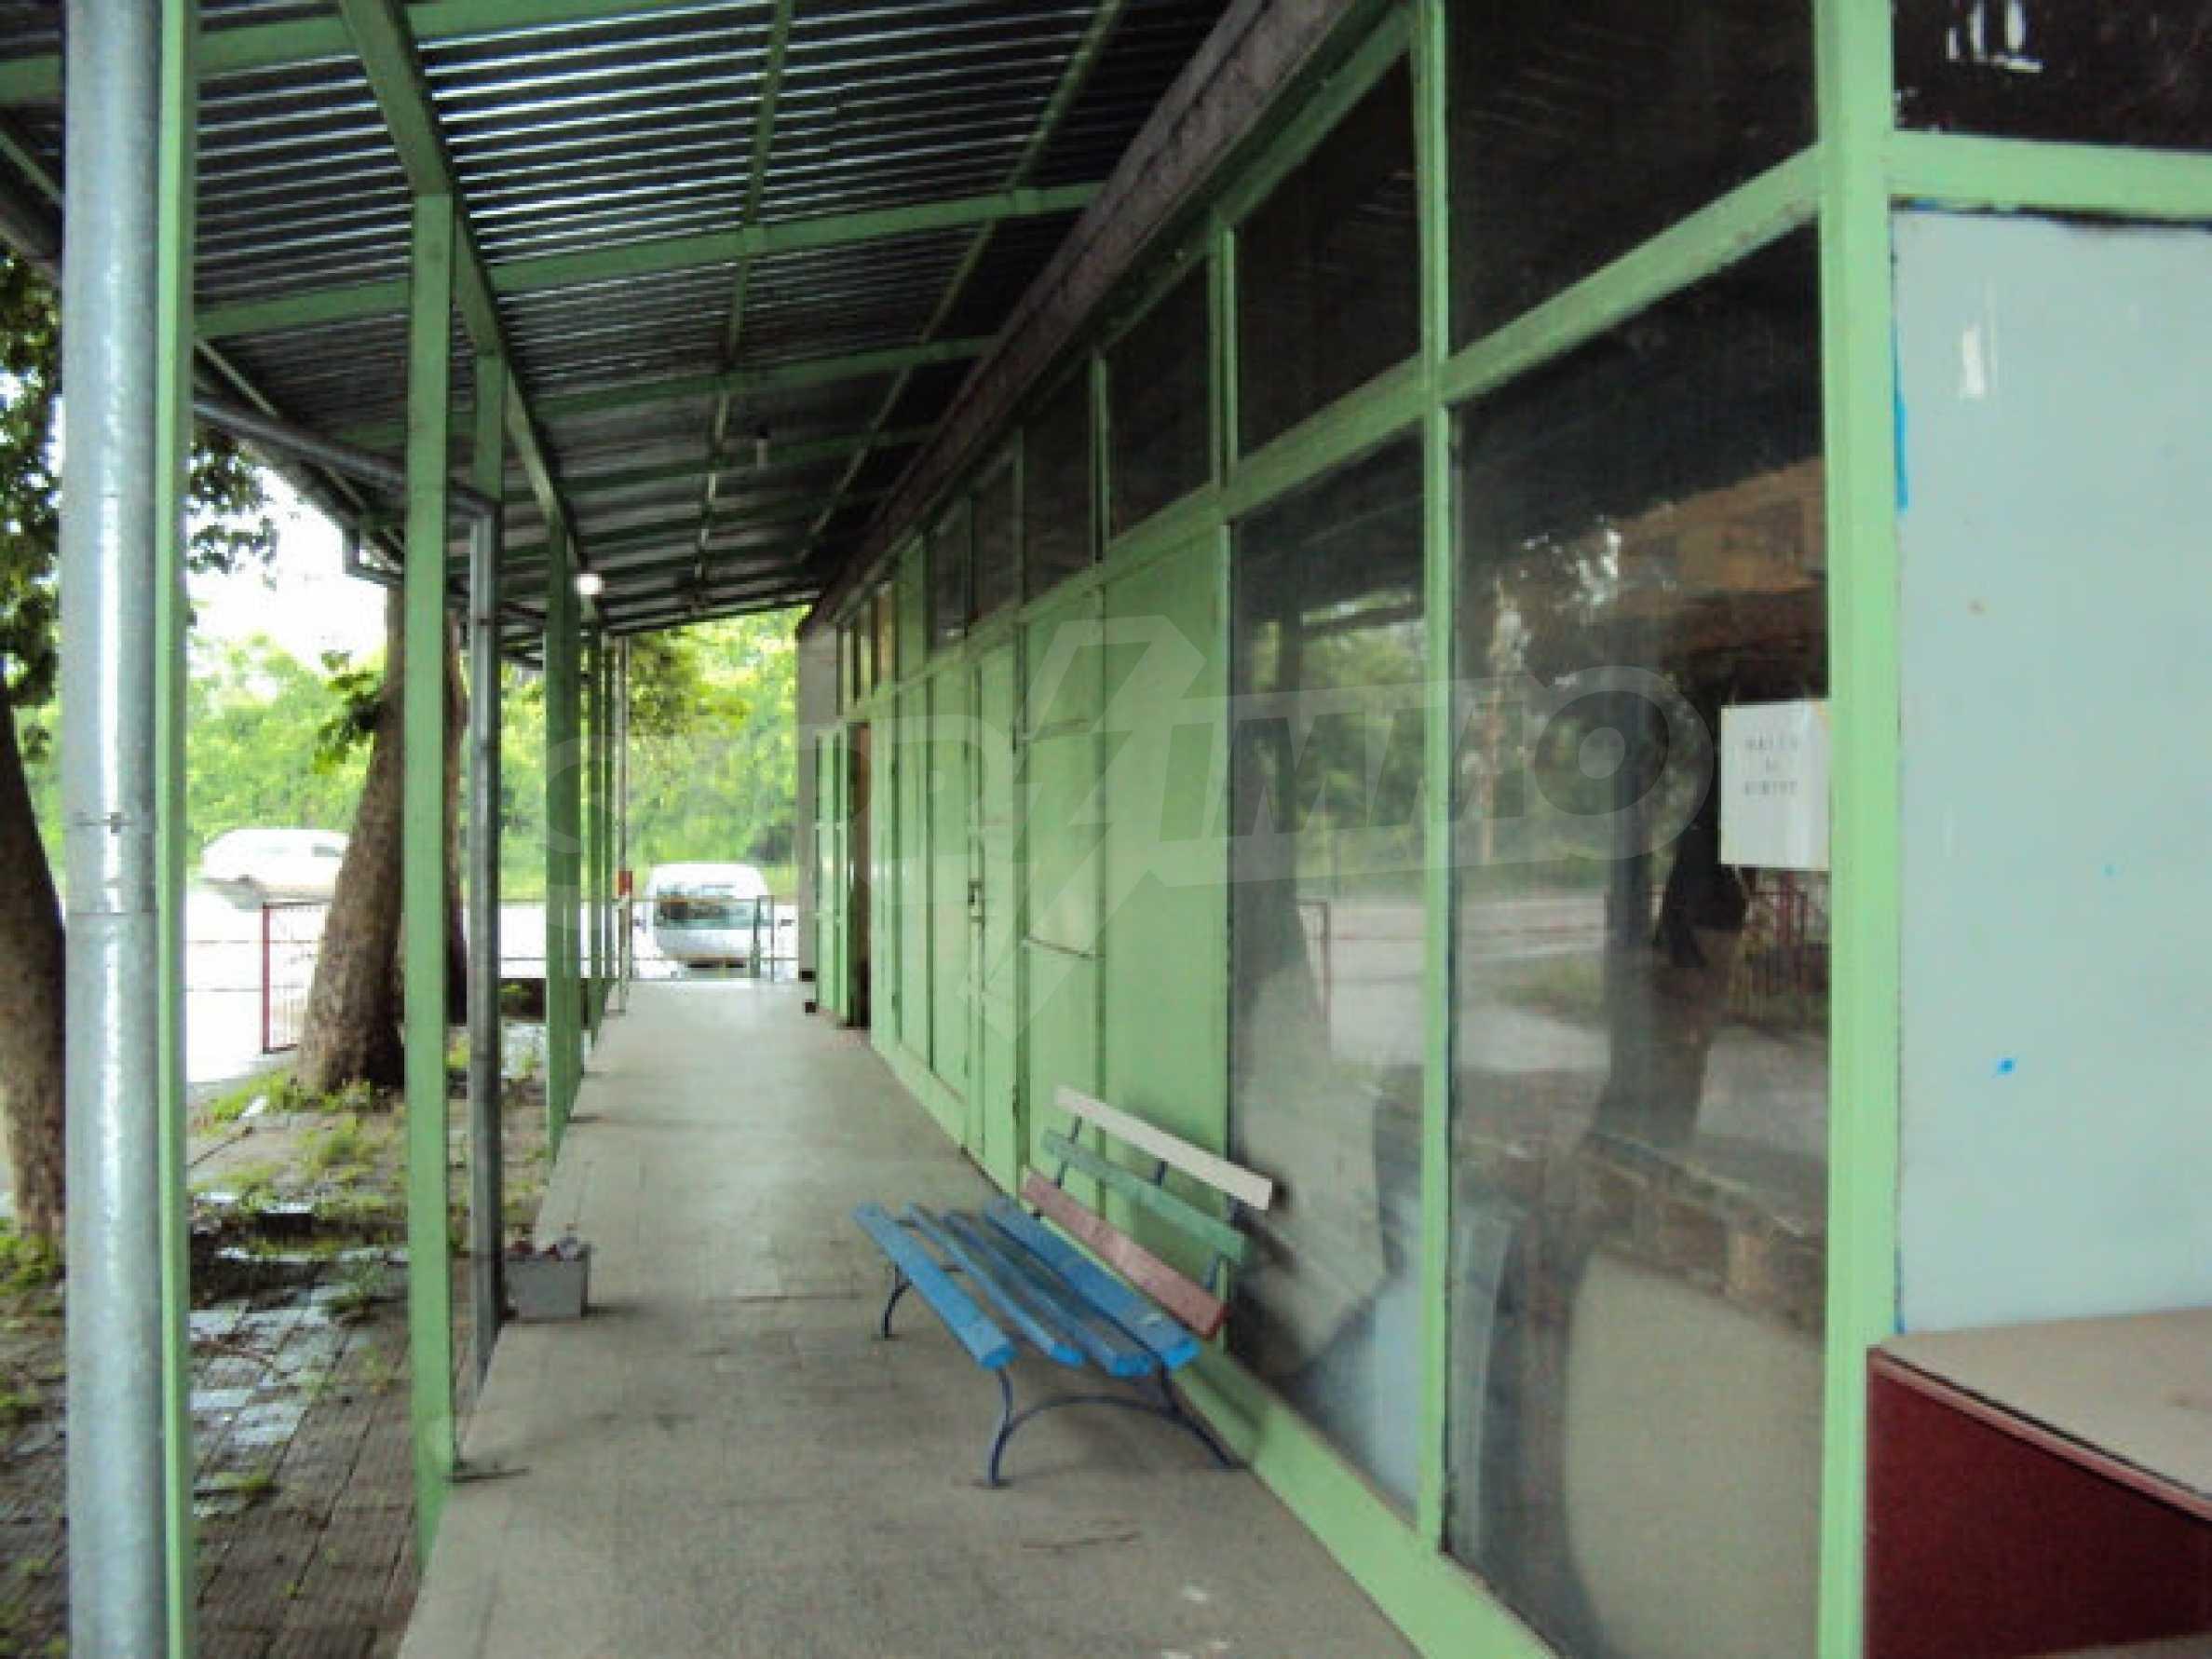 Factory for metal parts in Veliko Tarnovo 63